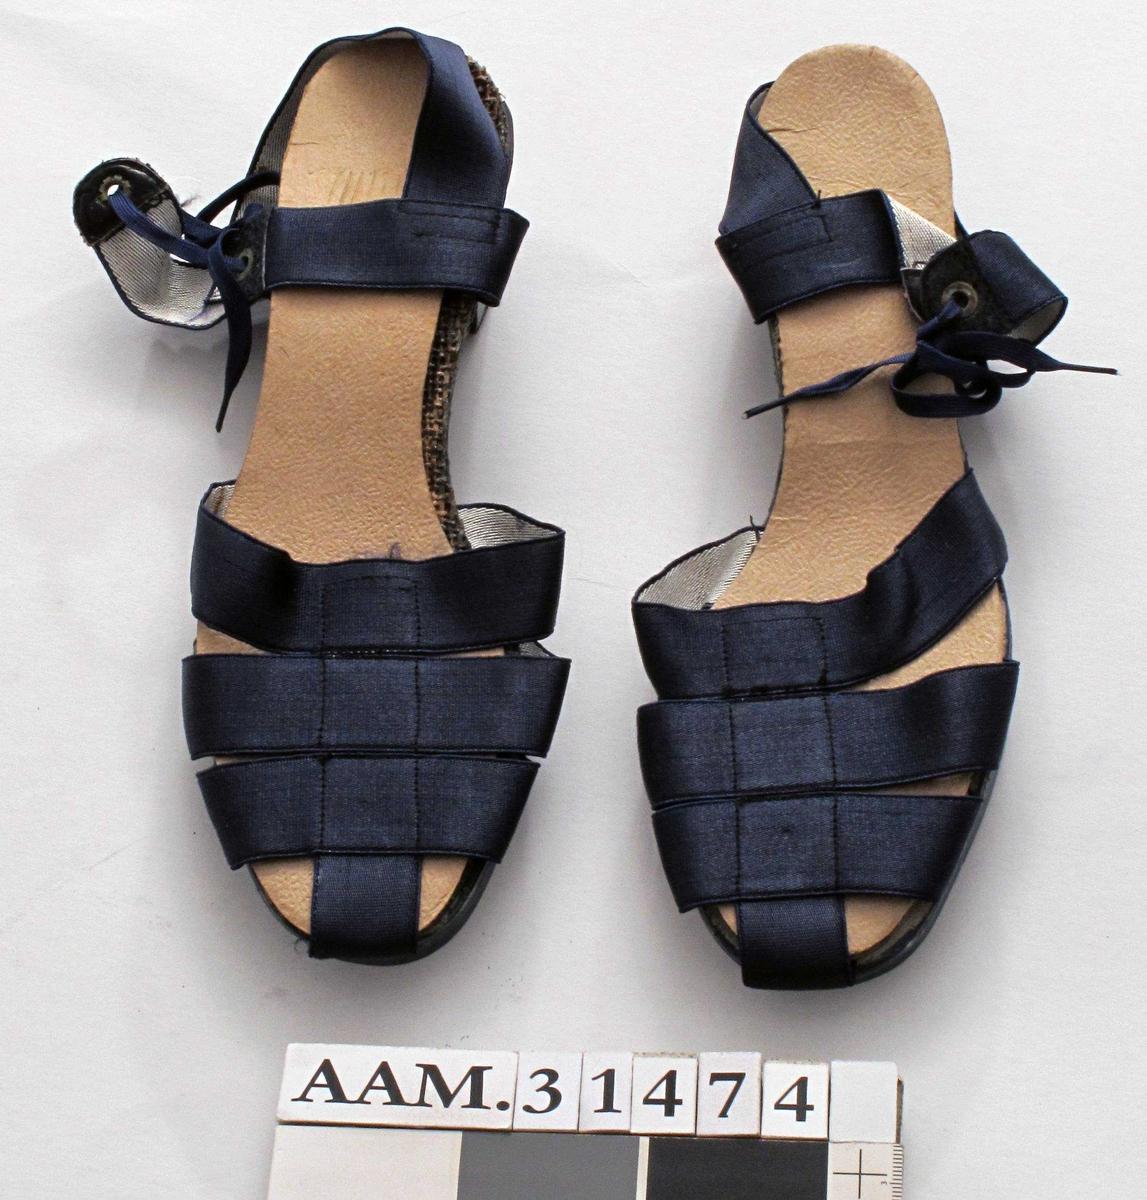 """Et par blå damesko med lave kilehæler.    Skoene har tresåler.  Sålene har innskårne sprekker i sålen for økt fleksibilitet. Innersåle av papor og grov tekstil limt lagvis.  Blåmalt såle og hæl.  """"Overlær"""" er av sammensydde remmer i nylon: tre på tvers og en på langs over tærne, en rem med knytting over vristen og en rem bak hælen.  Størrelse 35"""